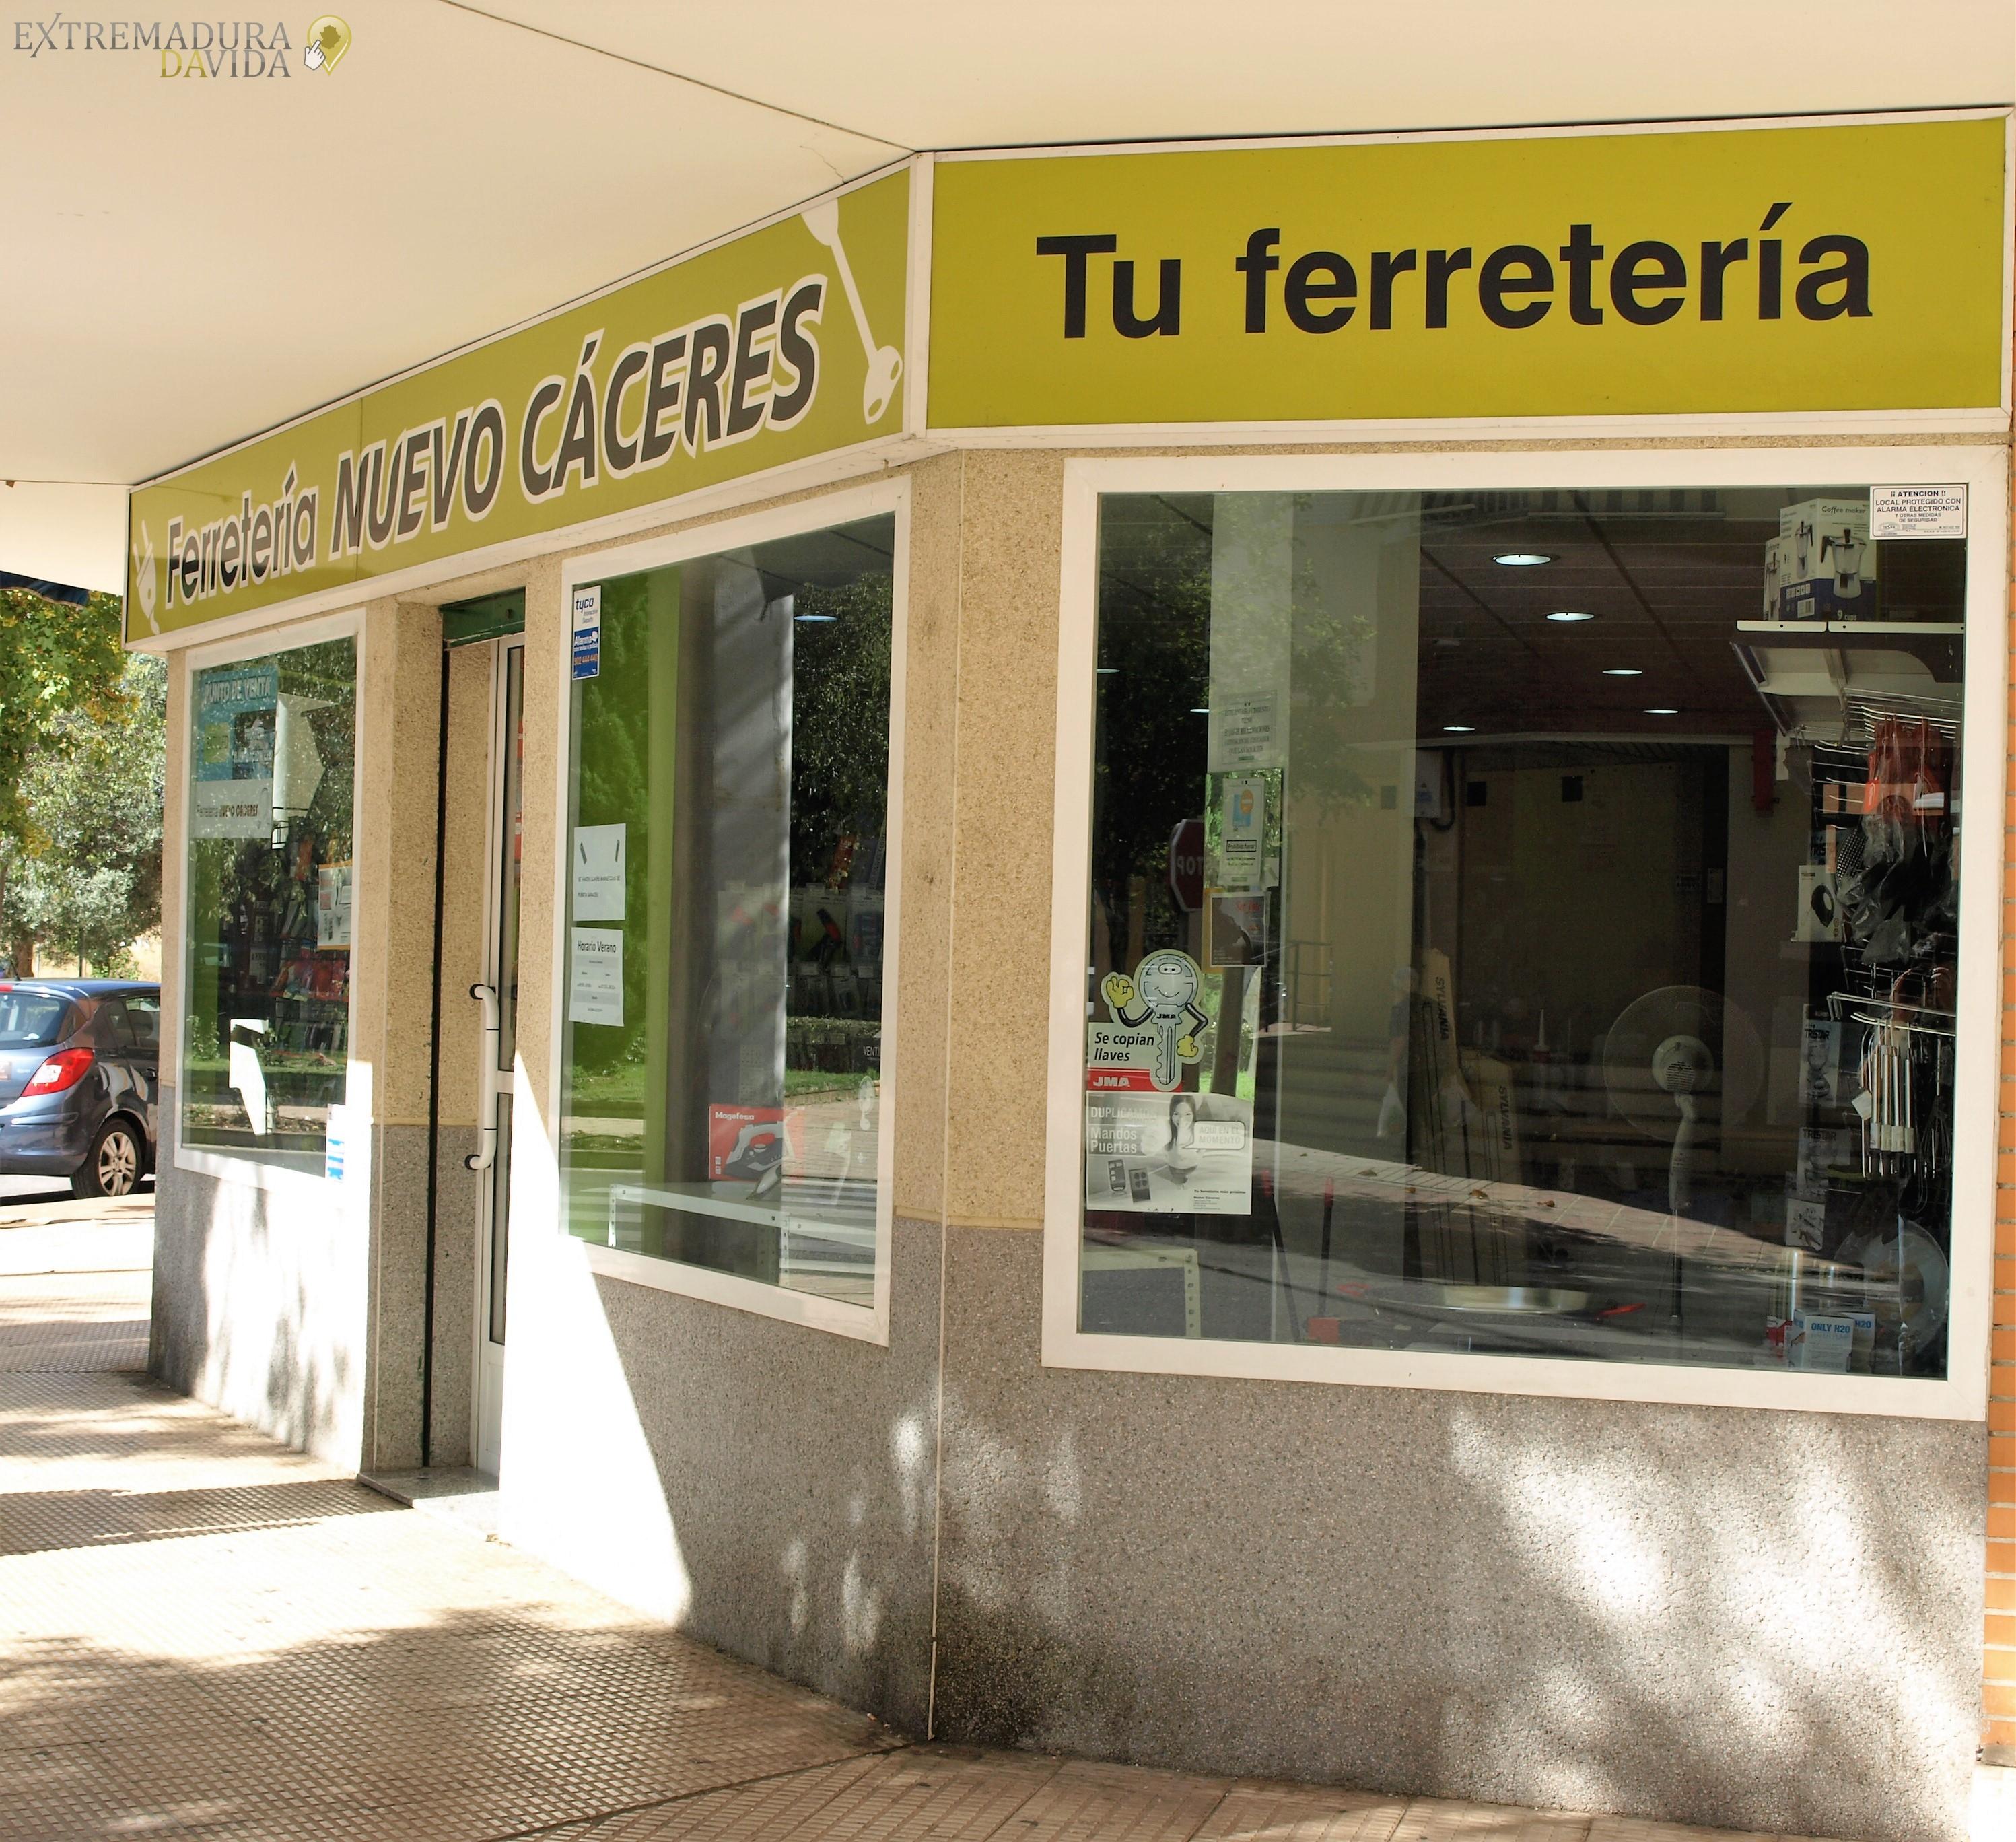 Mantenimientos De Comunidades Cáceres Ferretería Nuevo Cáceres